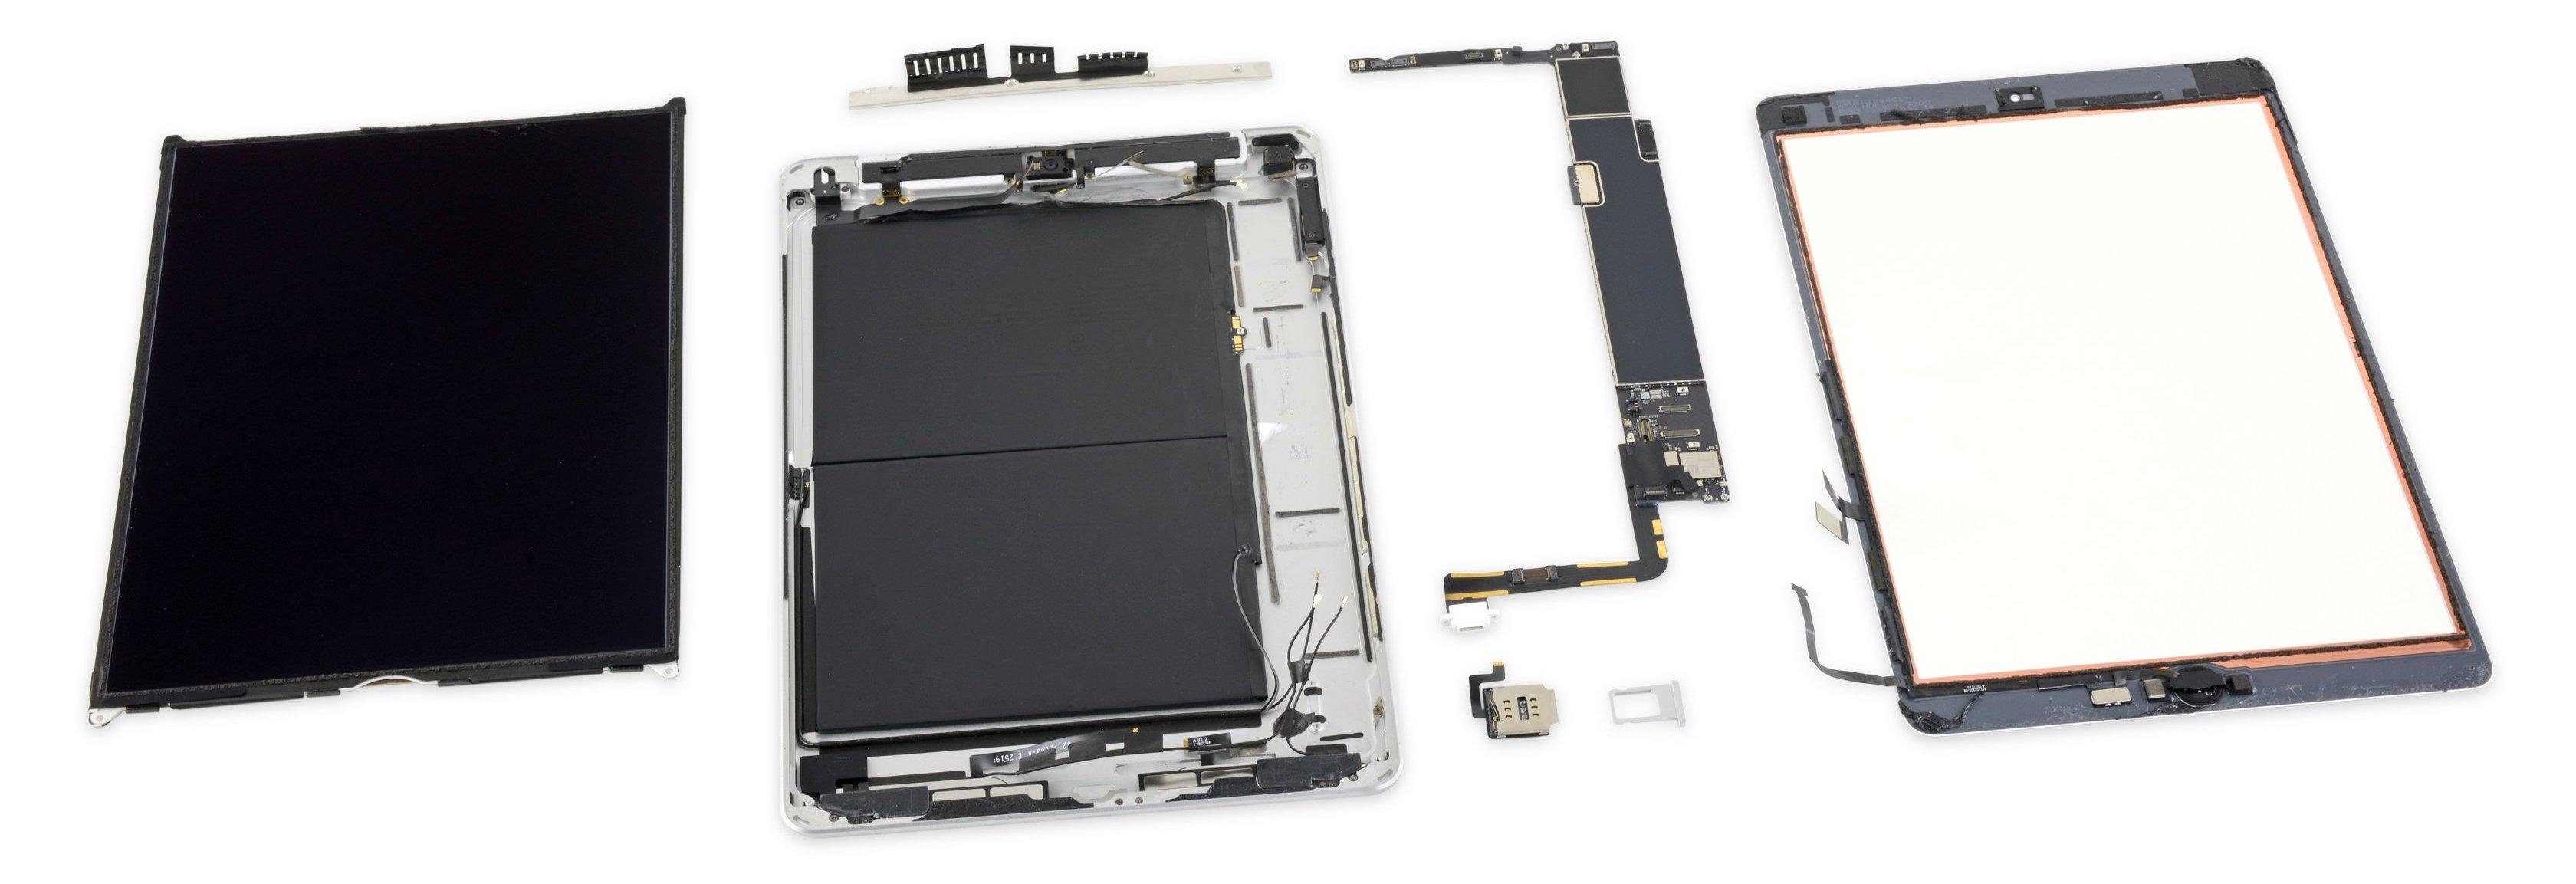 Desmonte do iPad de sétima geração